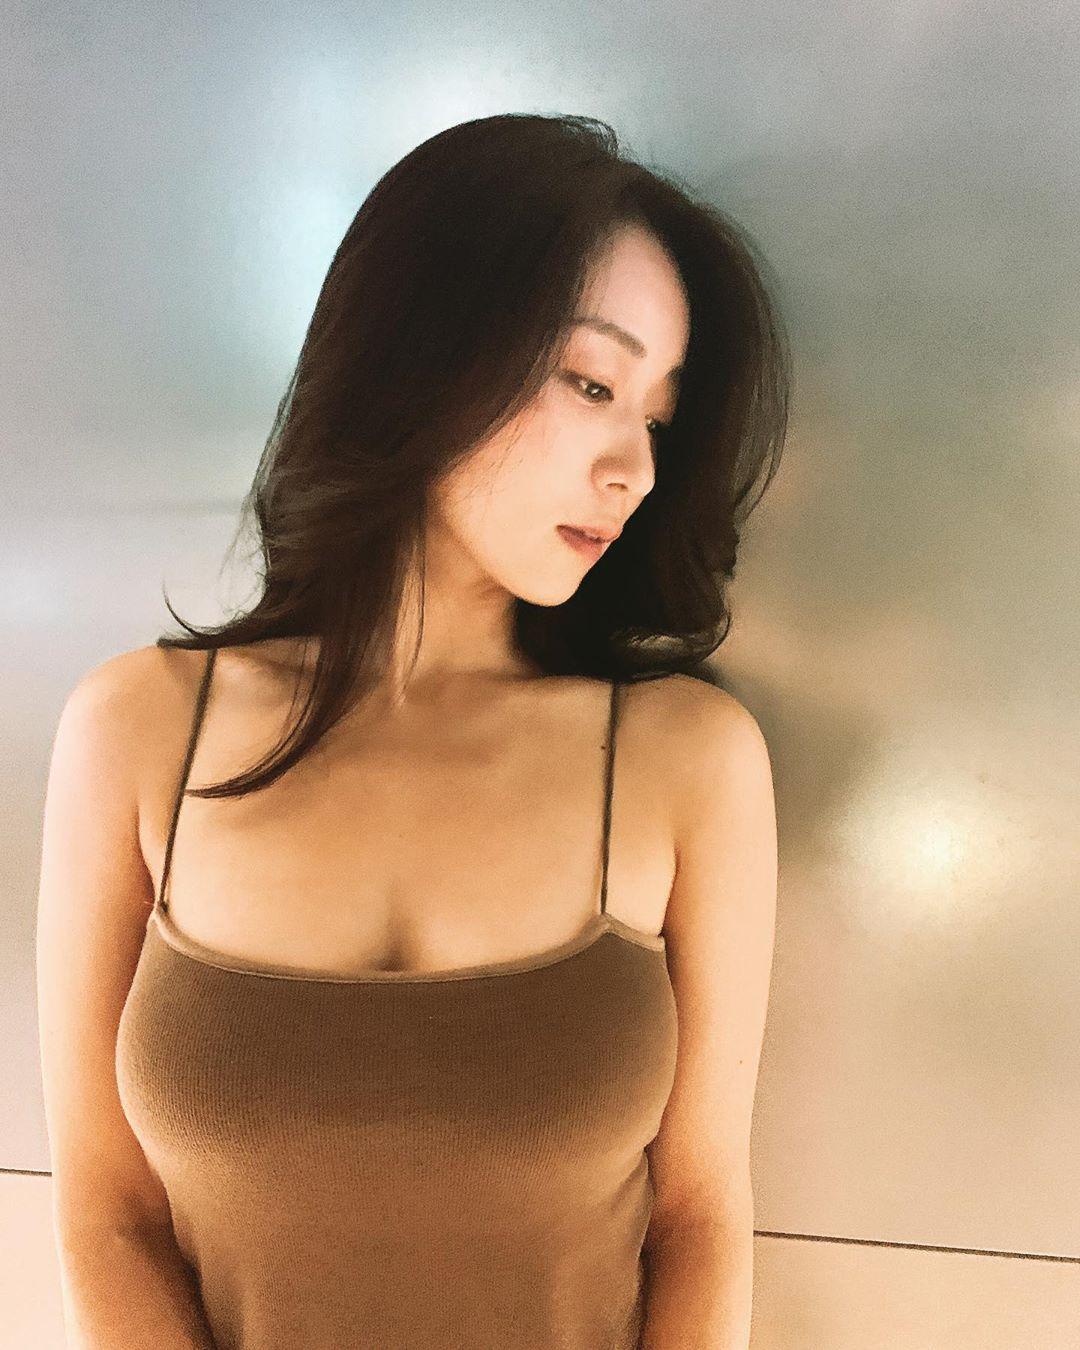 日本女星阶户瑠李突逝,曾出演《全裸导演》等作品 福利吧 第5张